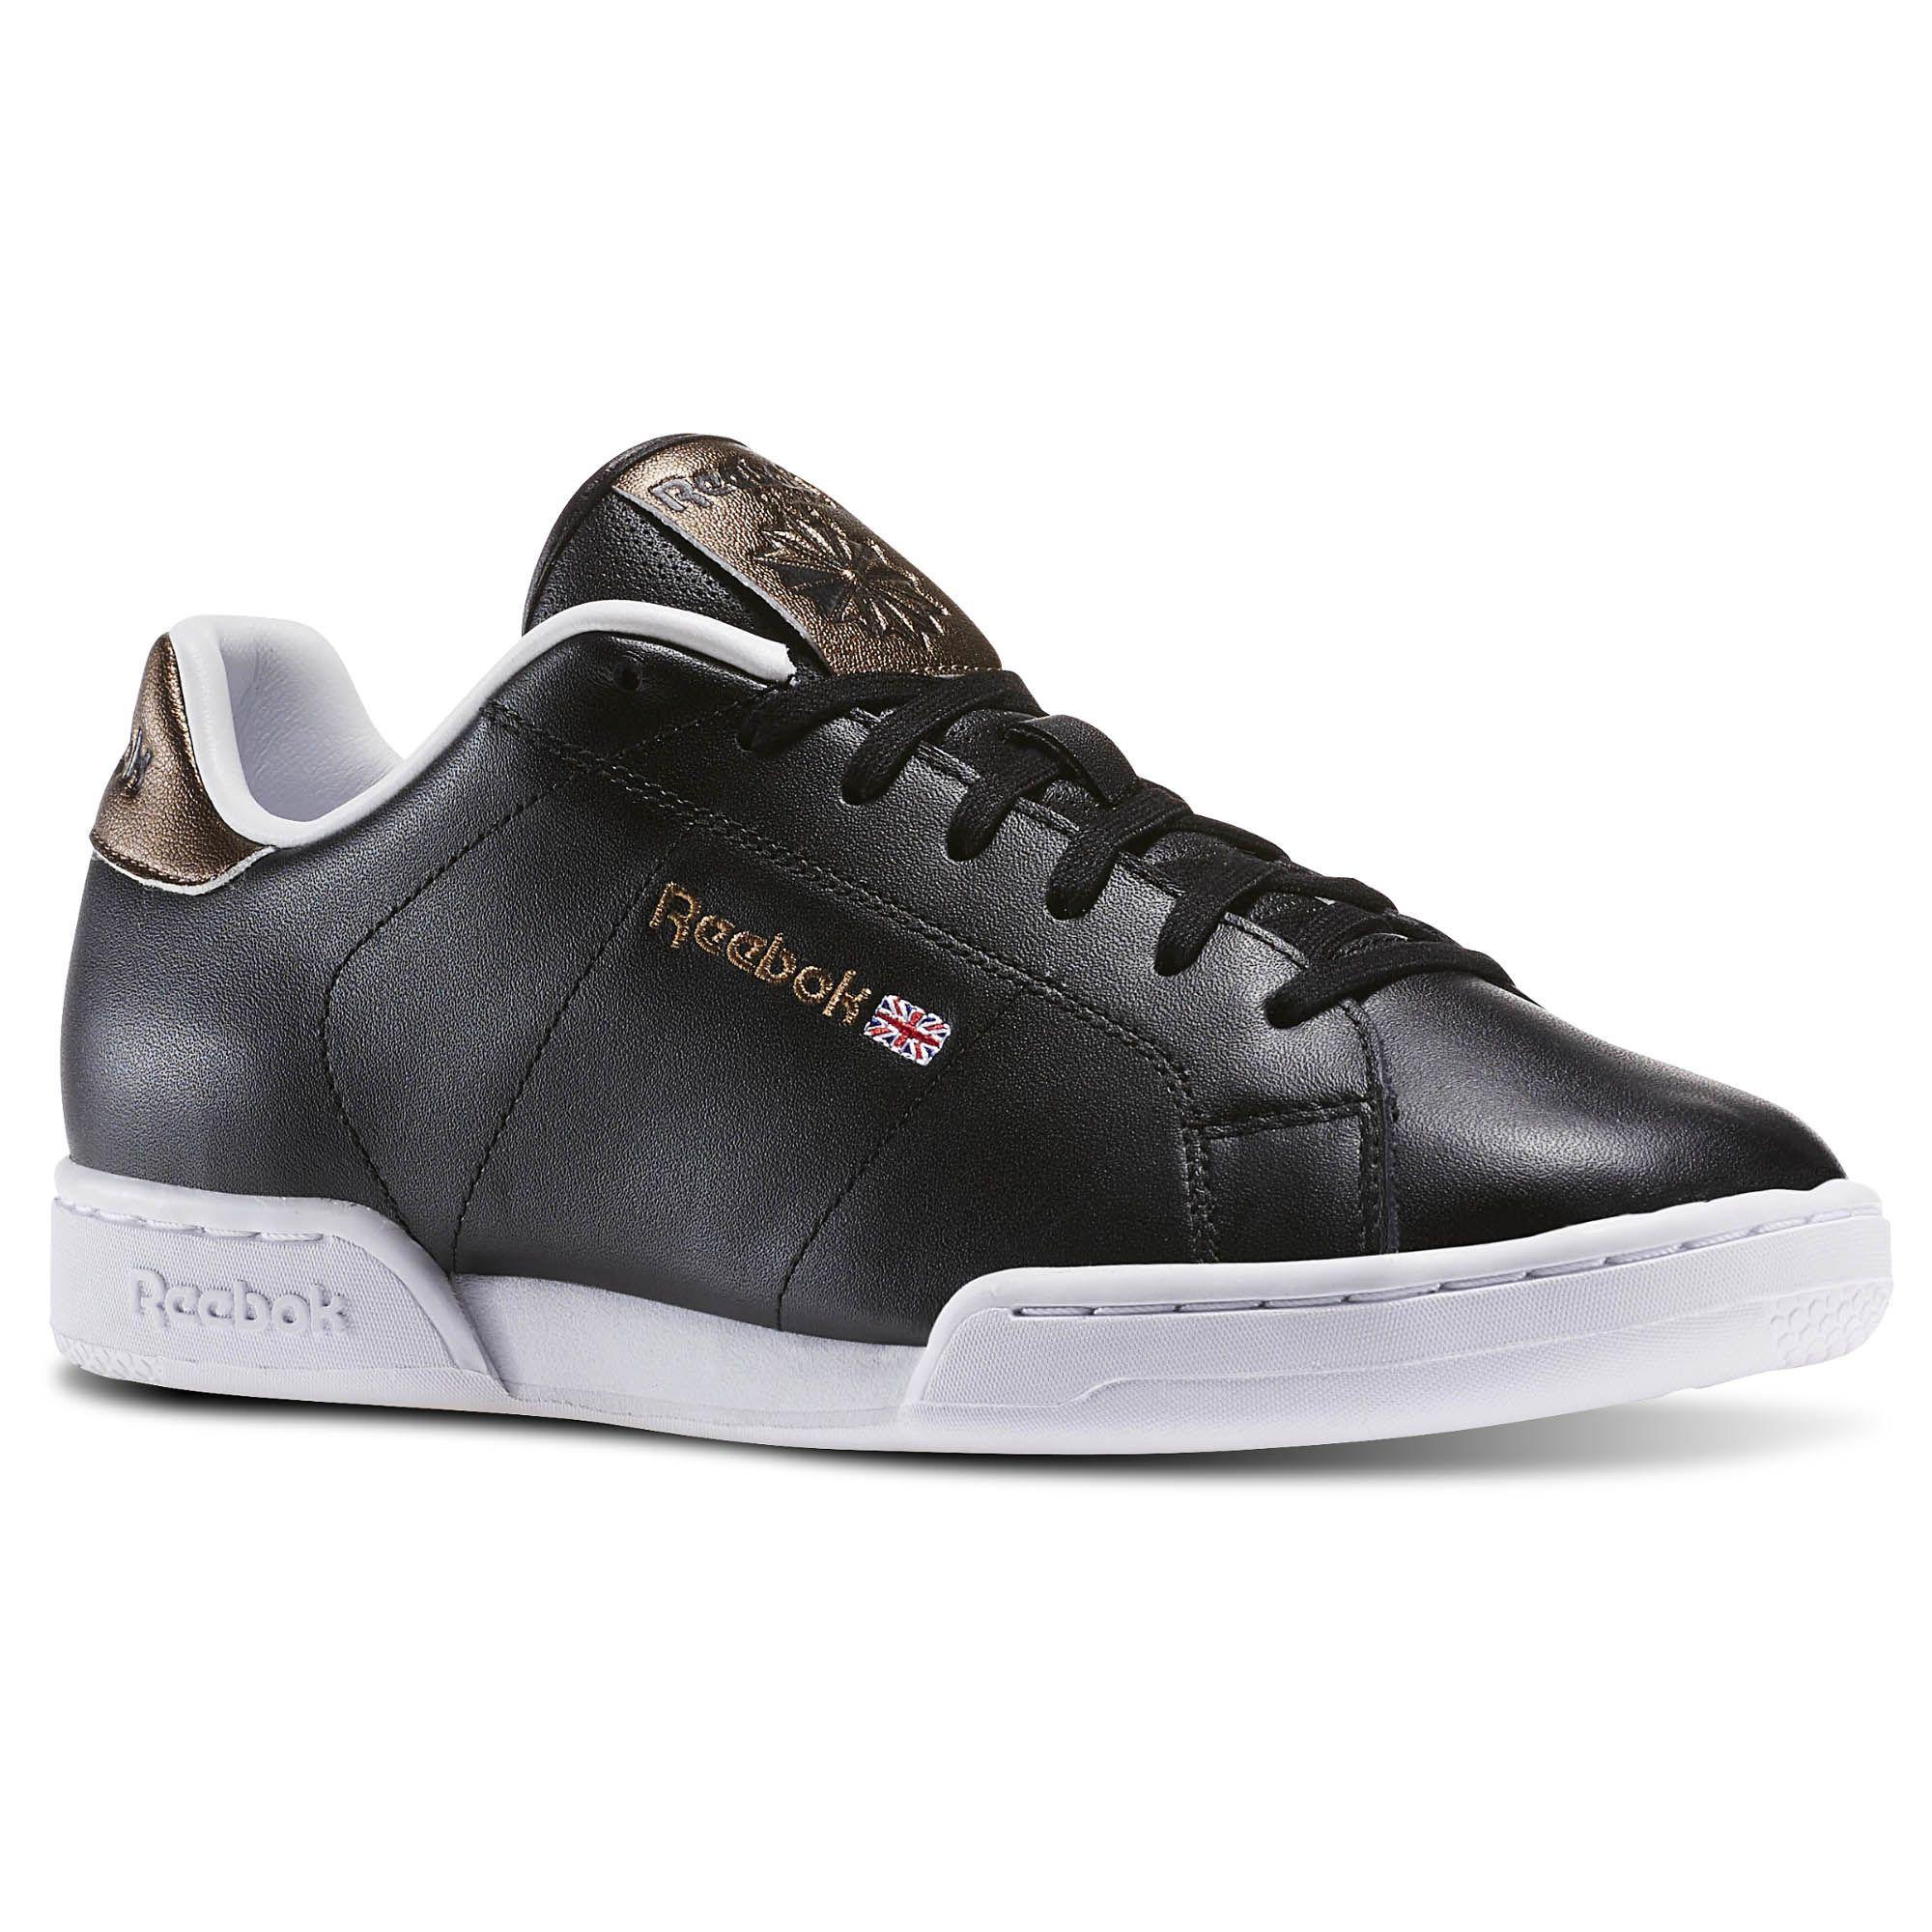 Modelos Modelos De De Zapatos Reebok ClasicosSneakers f76yvIYbg